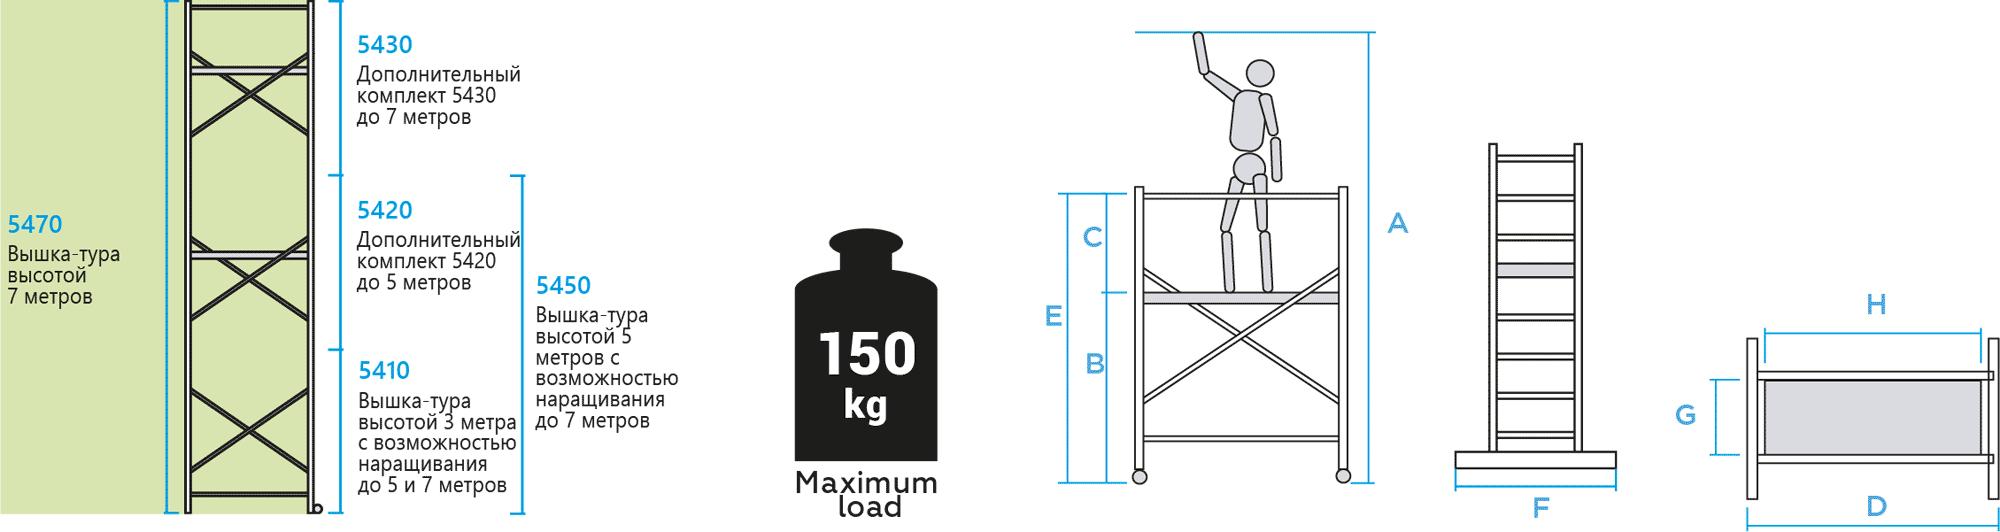 Схема: Вышка-тура 7метров индустриальная NV5470